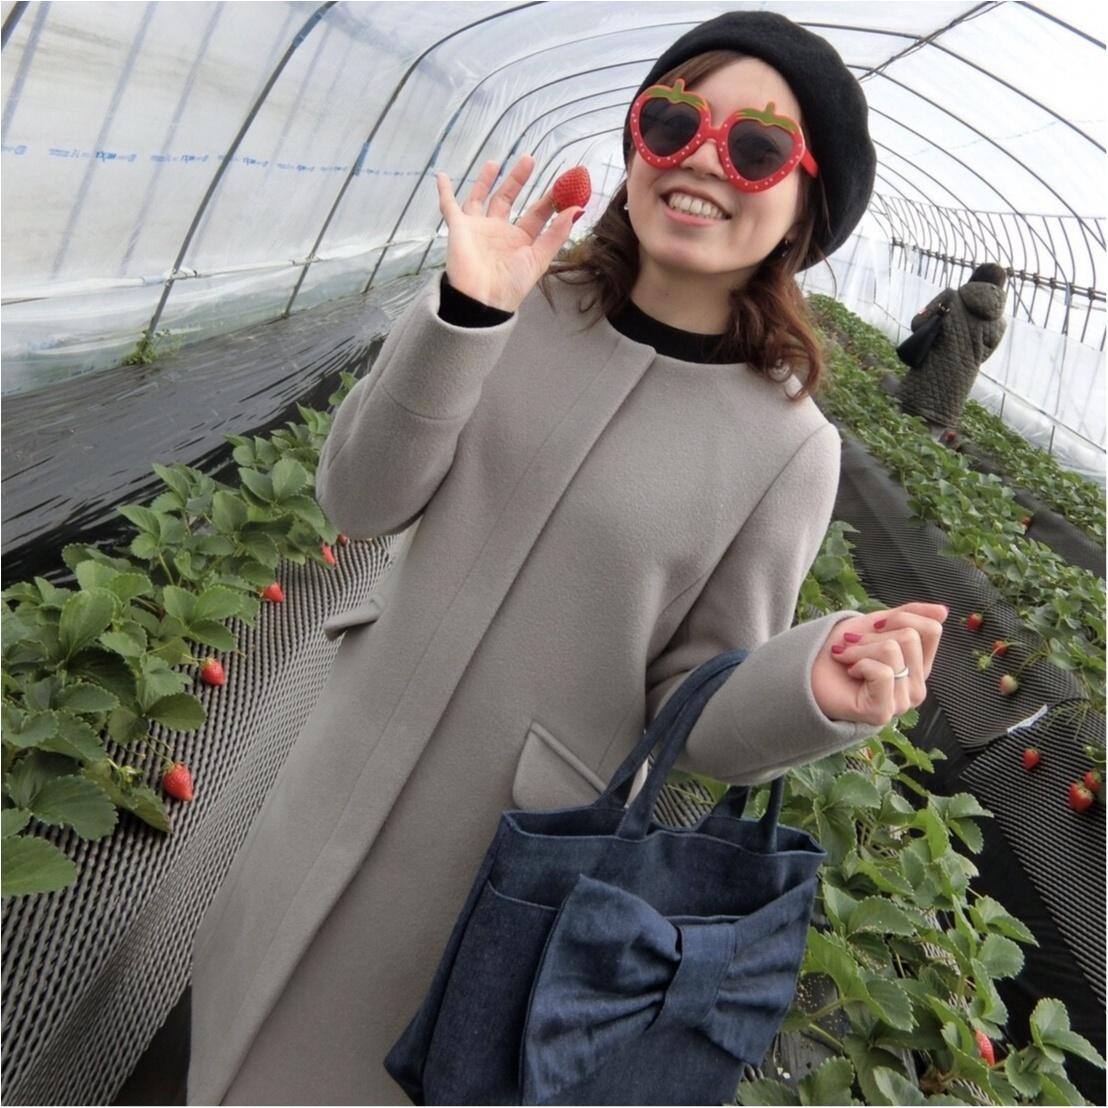 春も【ベレー帽】をかぶりたい♡ 私が選んだのは○○素材!_1